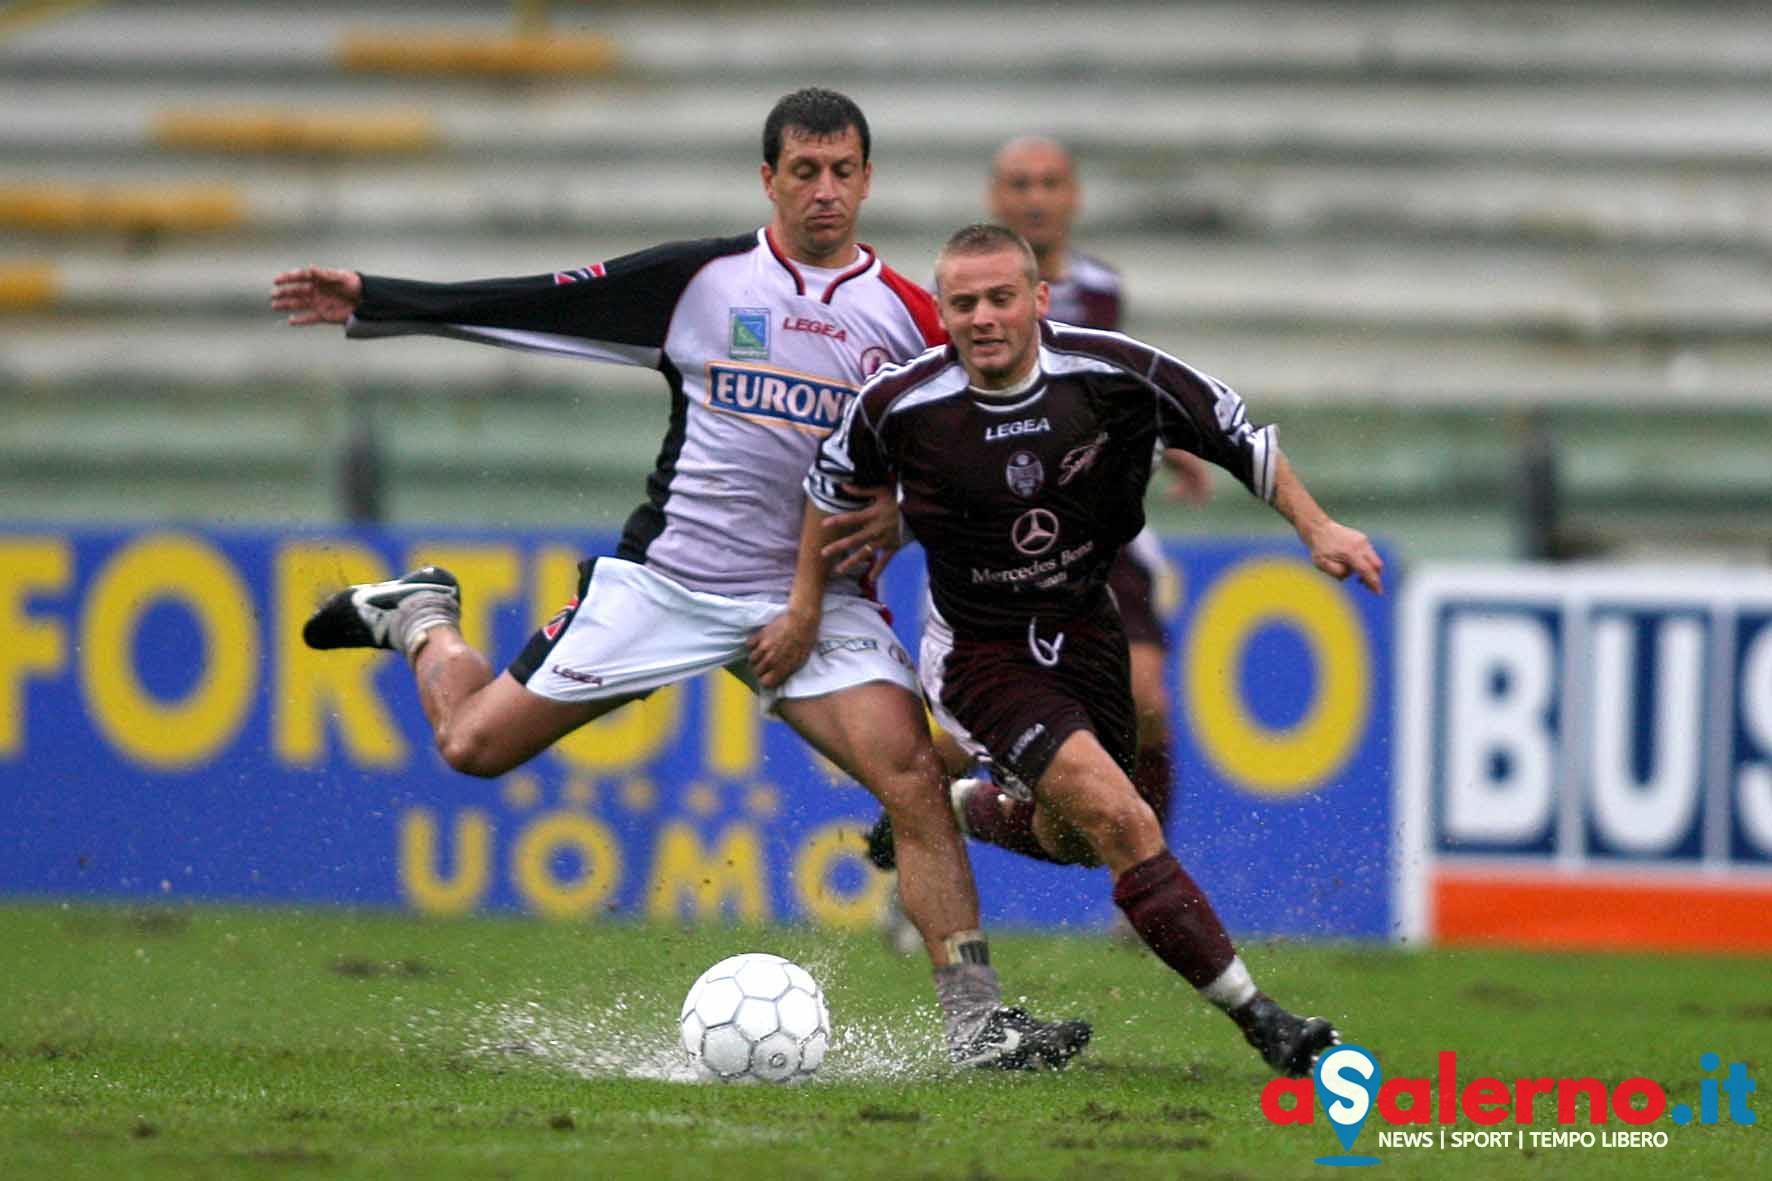 Salernitana - Foggia campionato serie C nella foto mattioli e cardinale (Foto Tanopress)